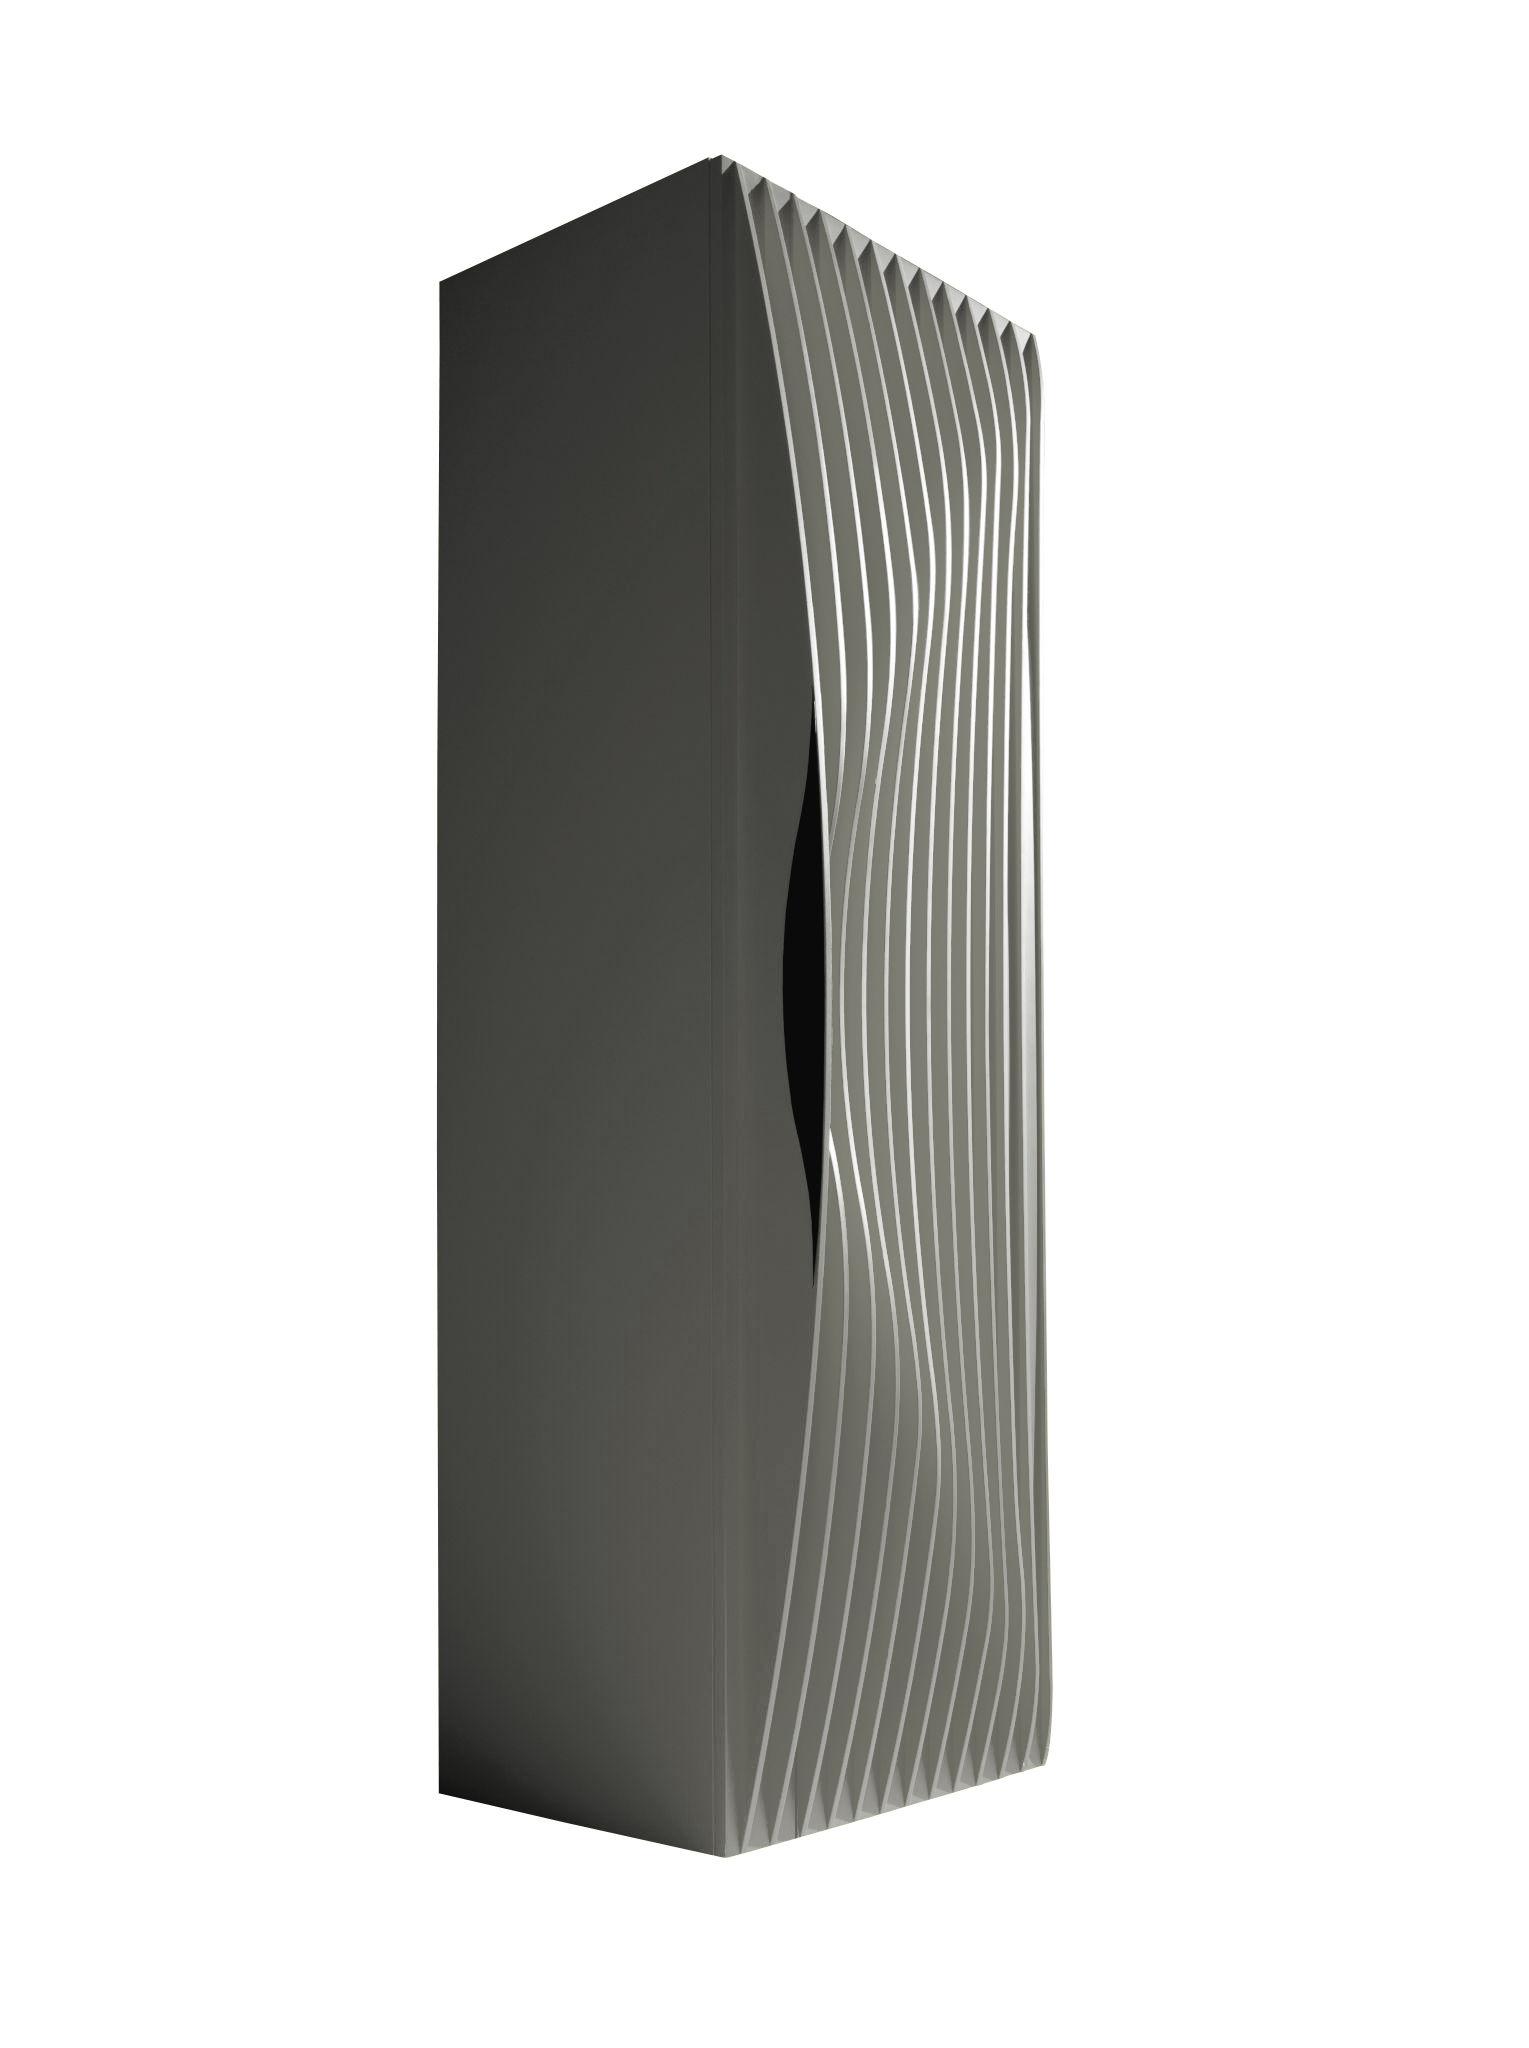 Furniture - Shelves & Storage Furniture - Blend Closet - 1 door by Horm - Silver - MDF